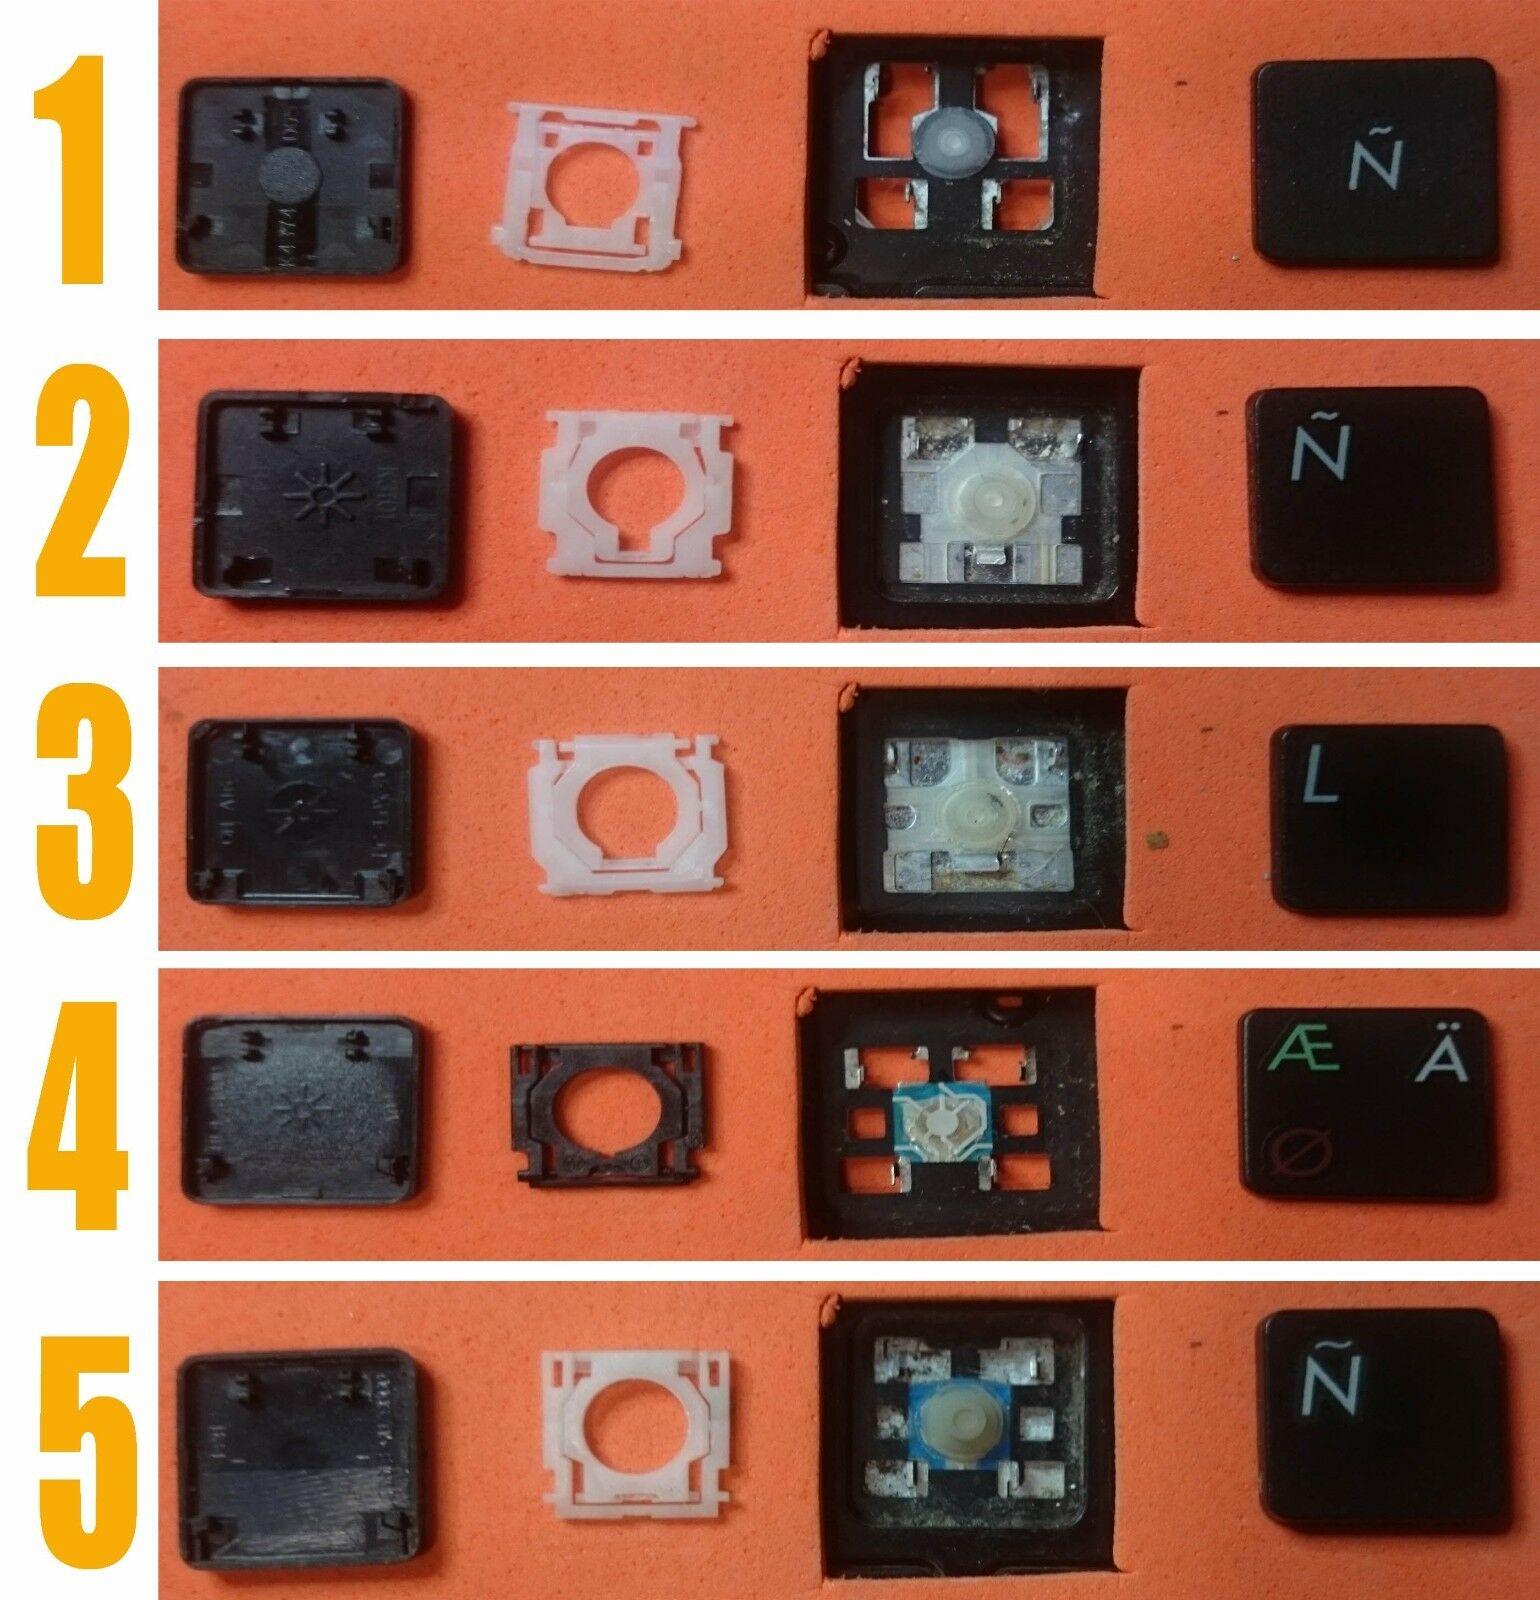 TECLA TECLAS DE TECLADO ASUS G51 G51Jx G51V G51VX G51J N50 N50V G60 N53TA N53TK